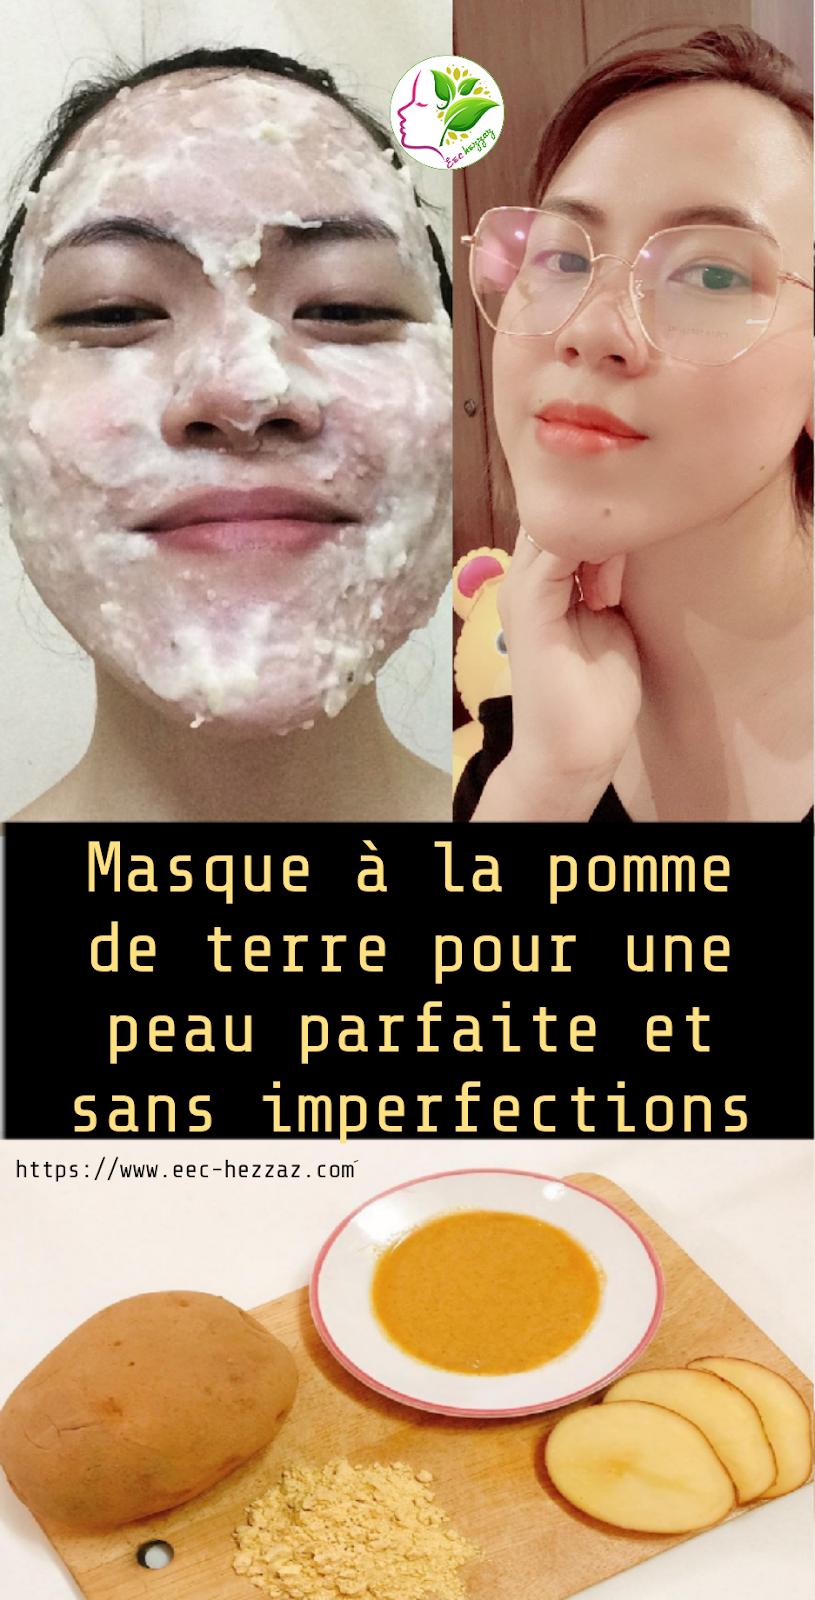 Masque à la pomme de terre pour une peau parfaite et sans imperfections